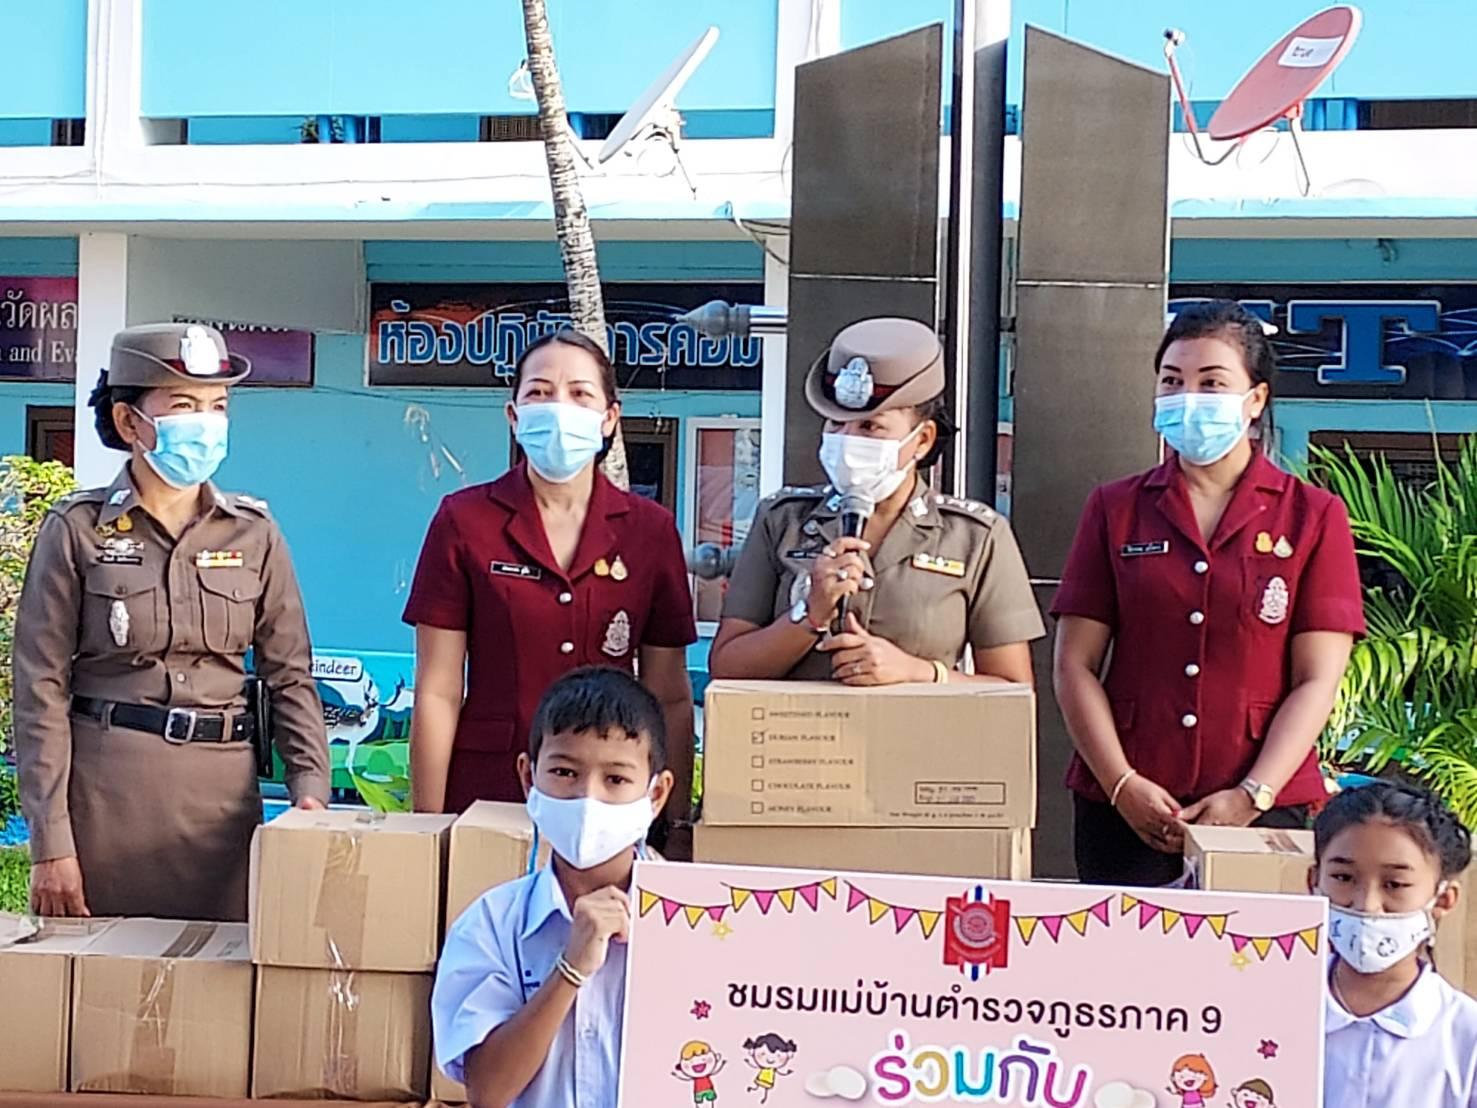 """ชมรมแม่บ้านตำรวจภูธรภาค ๙  ร่วมมอบนมอัดเม็ดในโครงการ """"เติมรอยยิ้ม ปันน้ำใจ เสริมสร้างเยาวชนไทยแข็งแรง"""""""